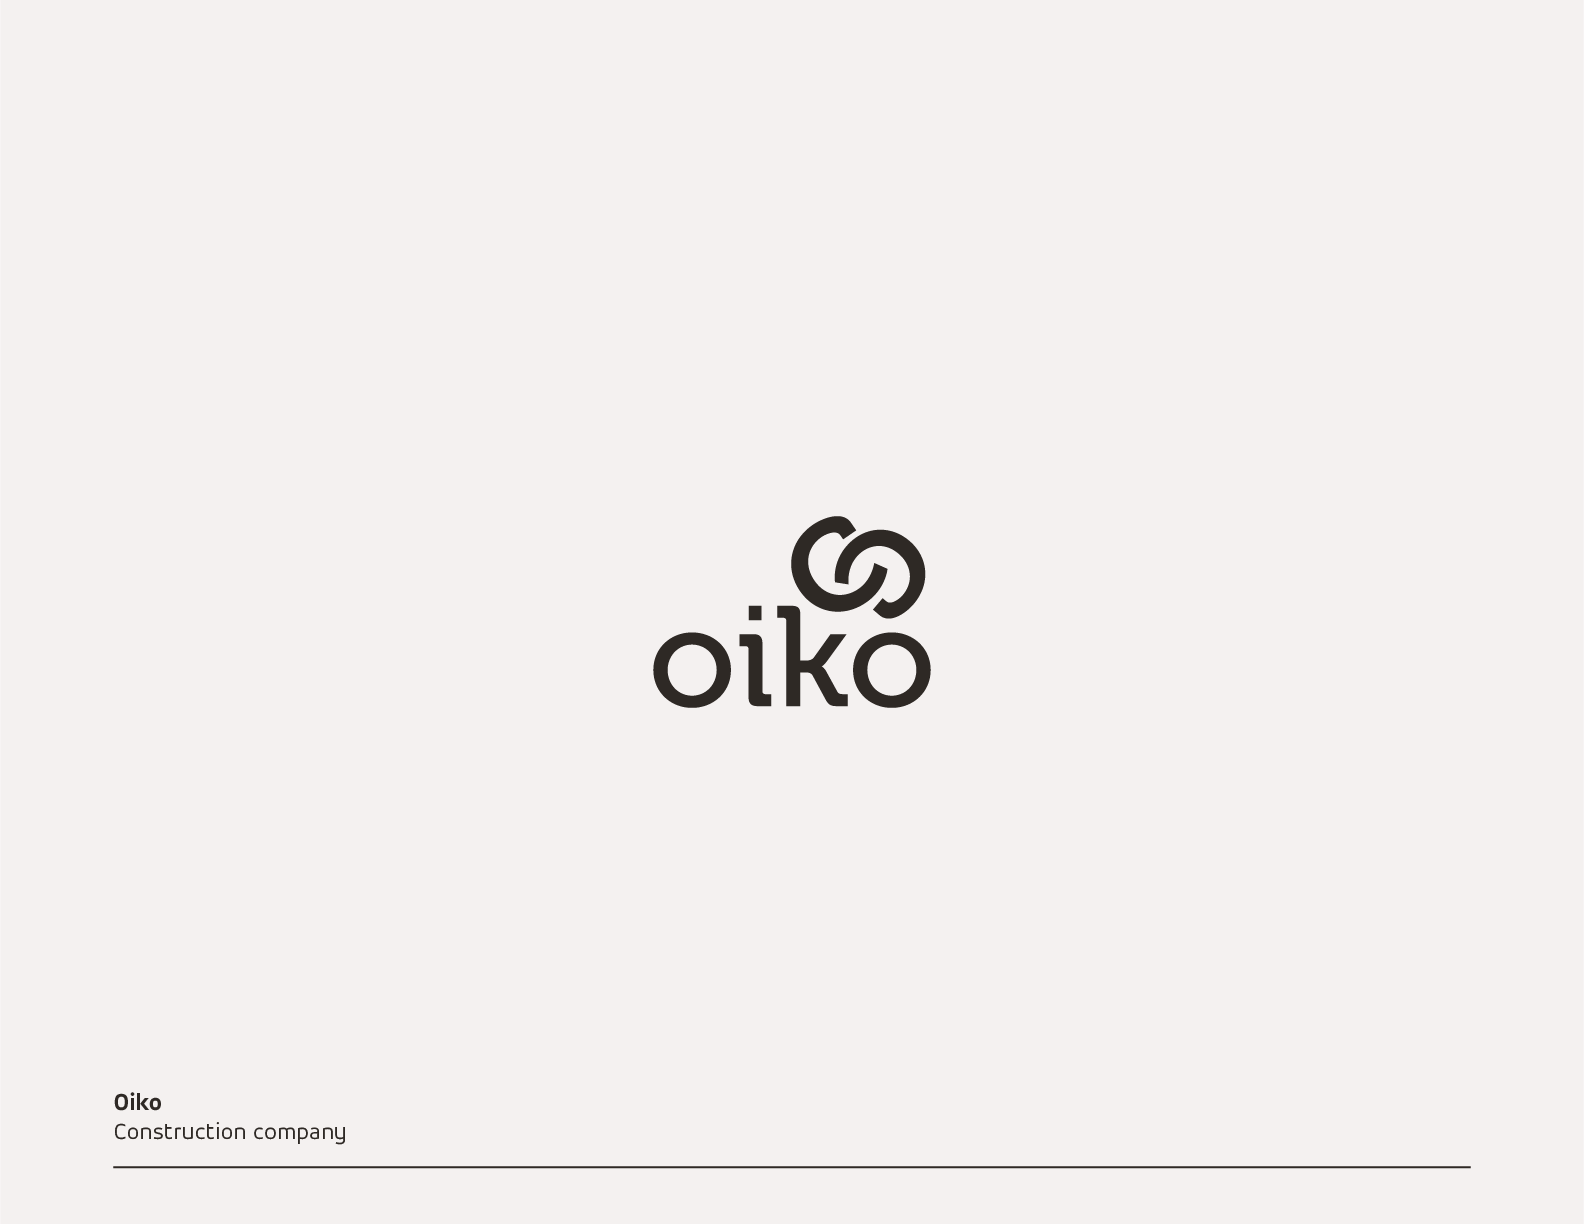 建築会社のロゴ提案4